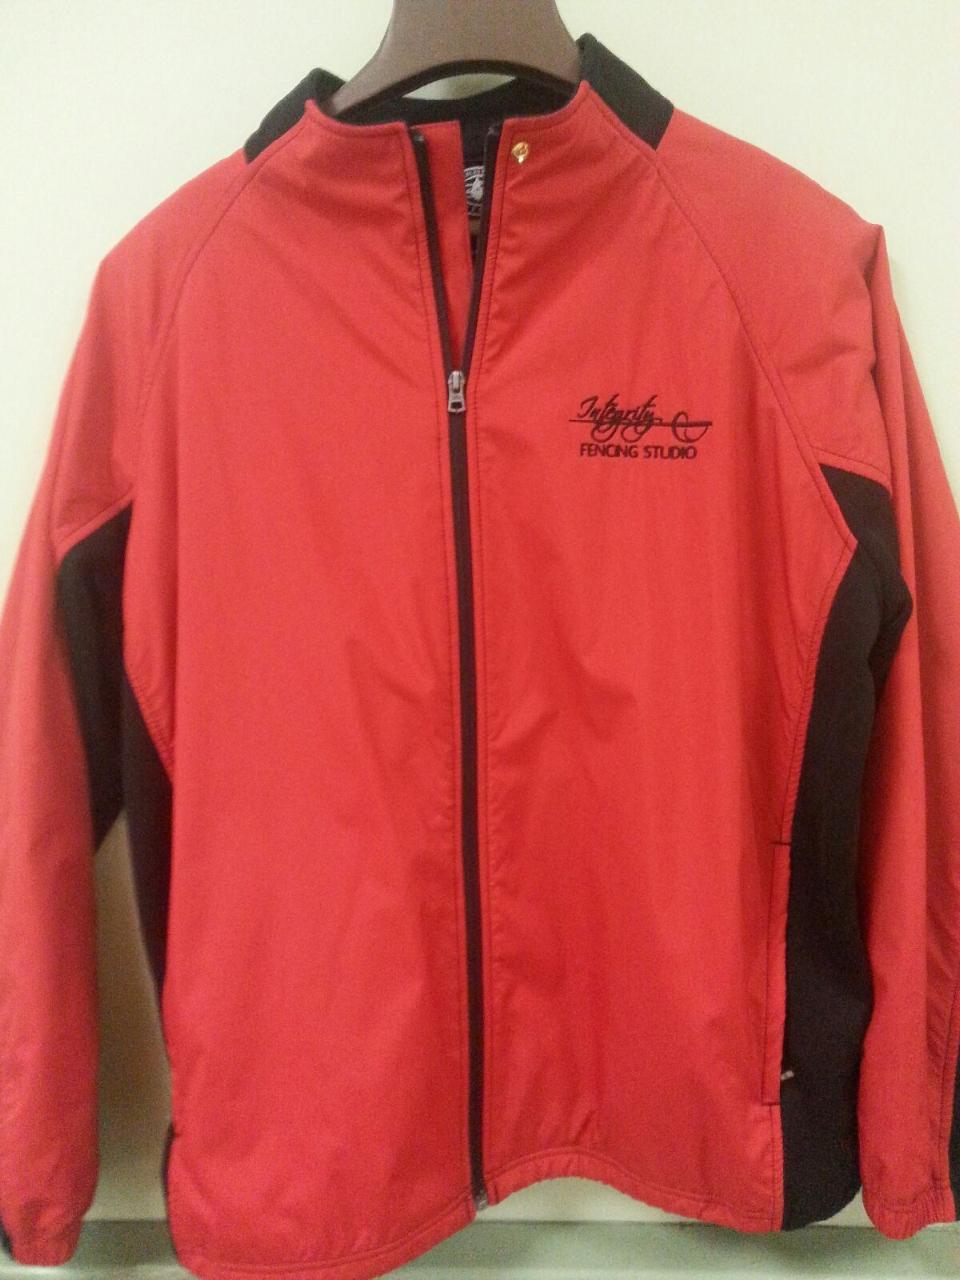 Club Warmup jacket - $60